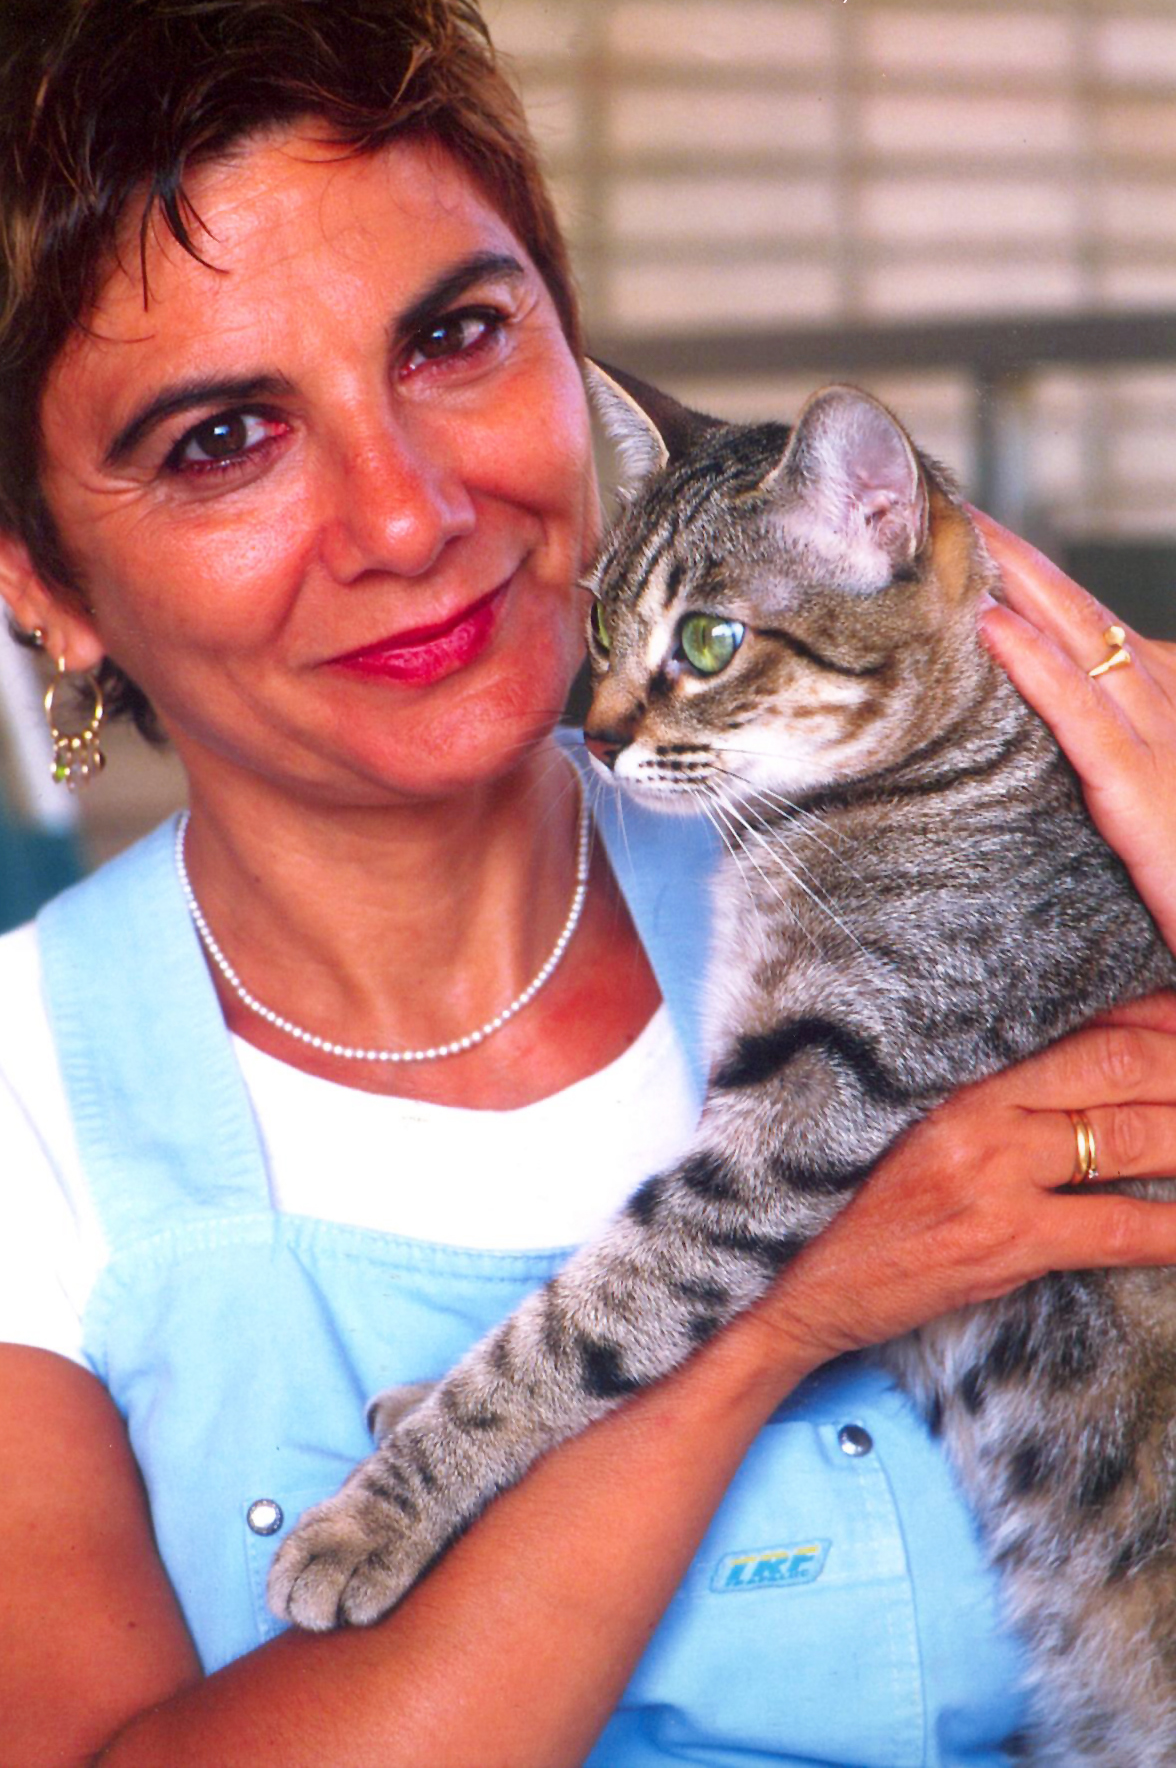 Libros de autor: Marisa López Soria // Grupo Edebé: publicaciones  infantiles, juveniles y para adultos